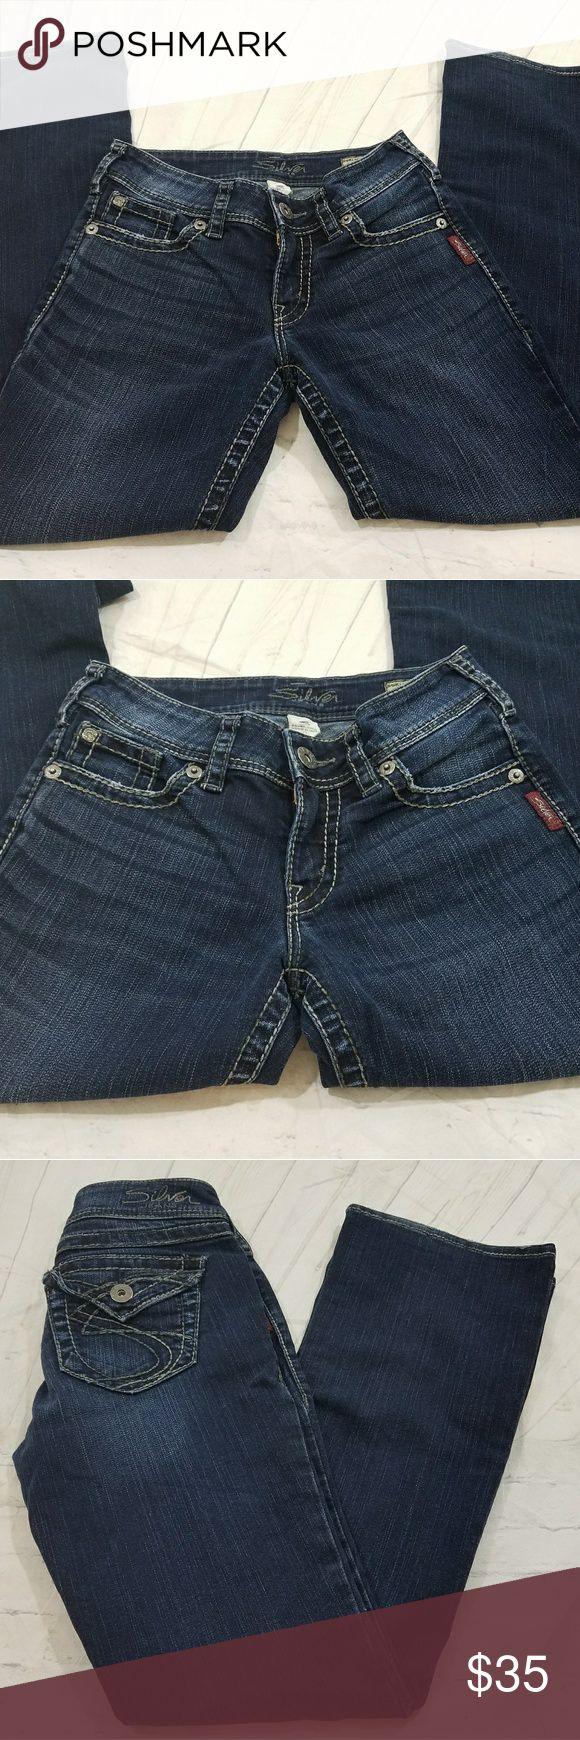 Silver Jeans Co. Women's W25/L30 Suki Surplus Dark Silver Jeans Co. Women's W25/L30 Suki Surplus Dark Wash Jeans  Waist across 12 Rise 8 Inseam 30 Silver Jeans Jeans Boot Cut